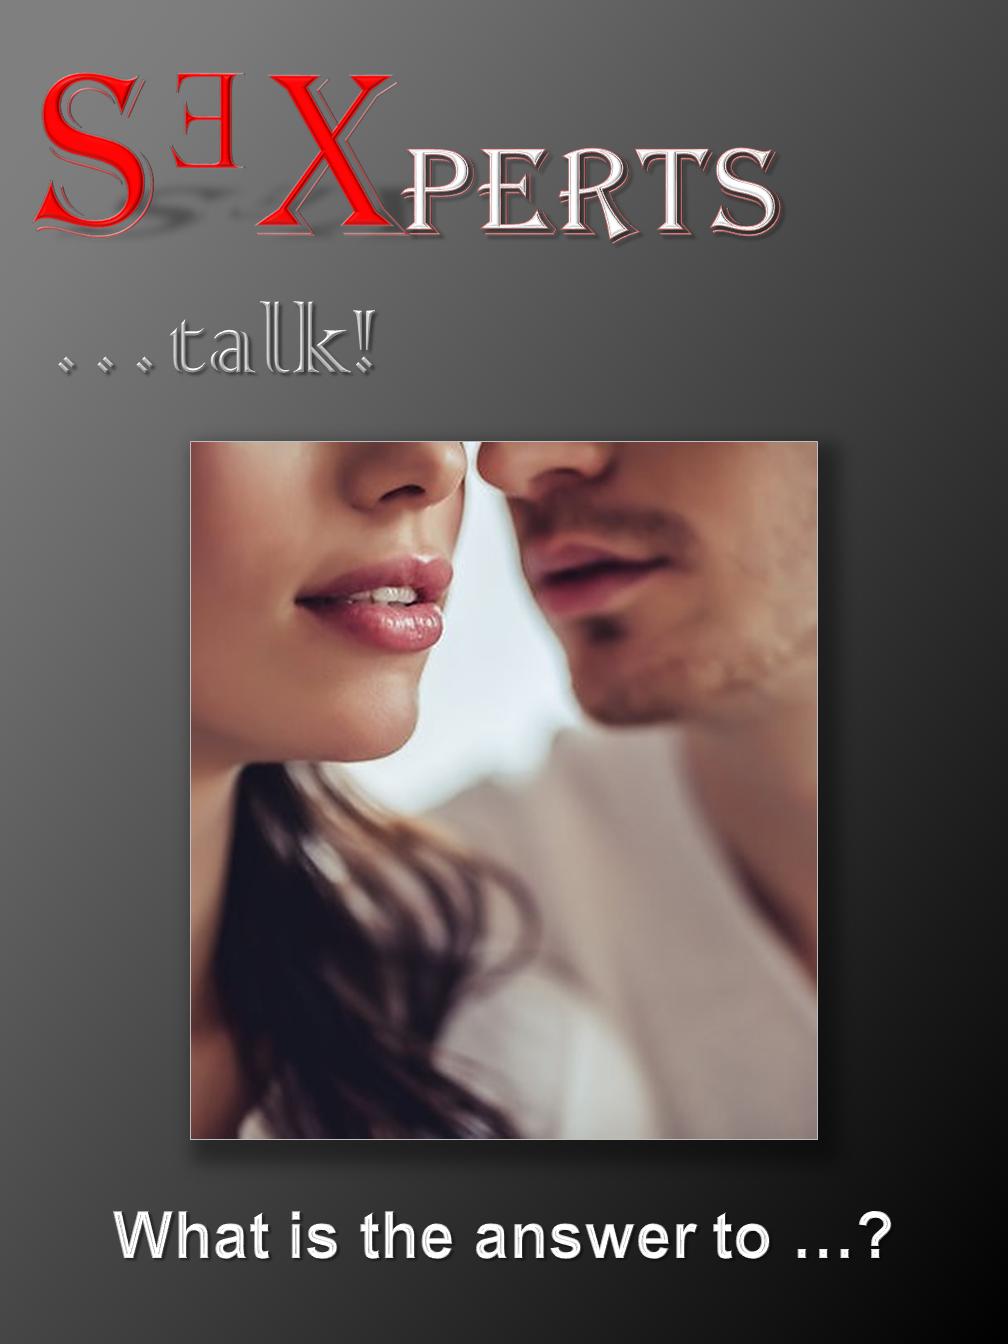 S3Xperts Talk!